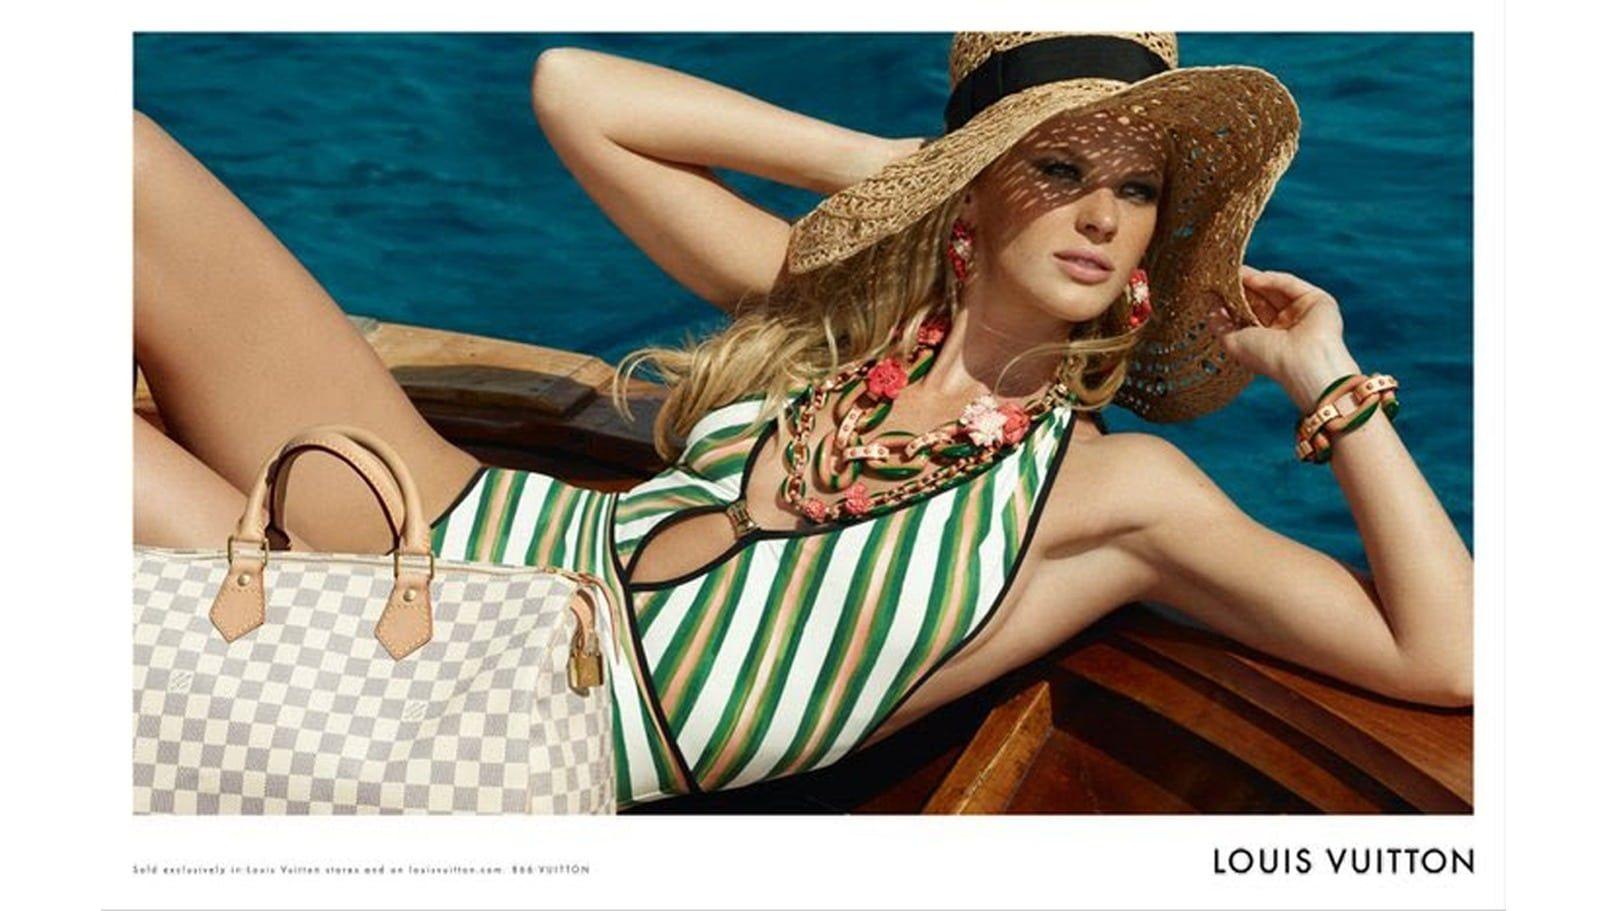 Photo publicite – Accessoires Louis Vuitton – Chapeau de paille et oeillet LV – Croisiere 2010 – 2